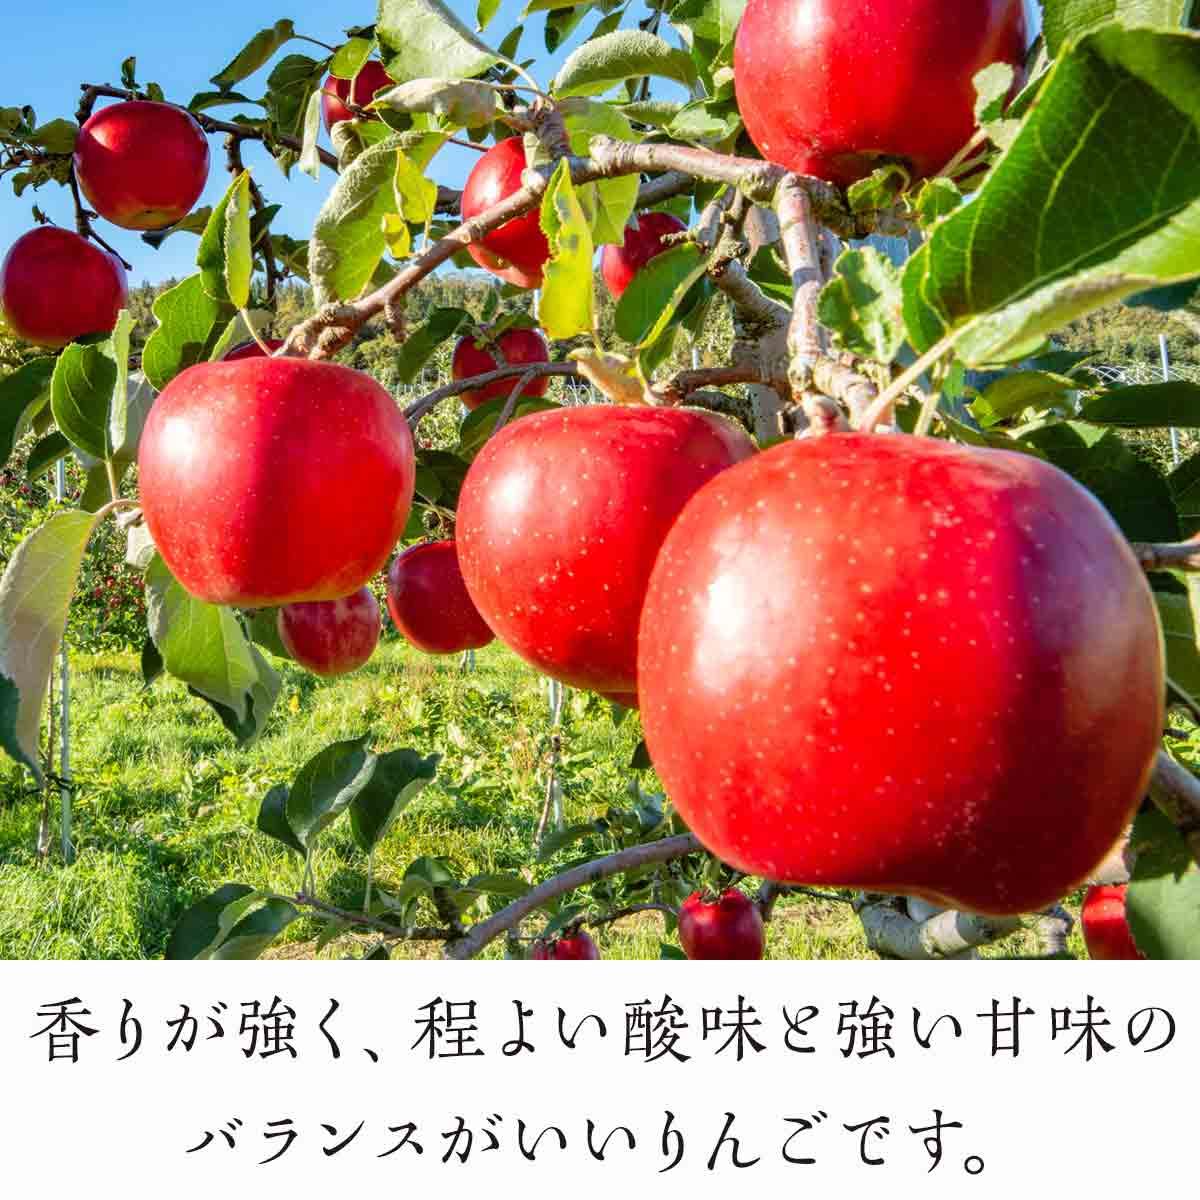 【玉川村】 契約栽培 りんご 特大サイズ 約11~13玉 (5kg相当)